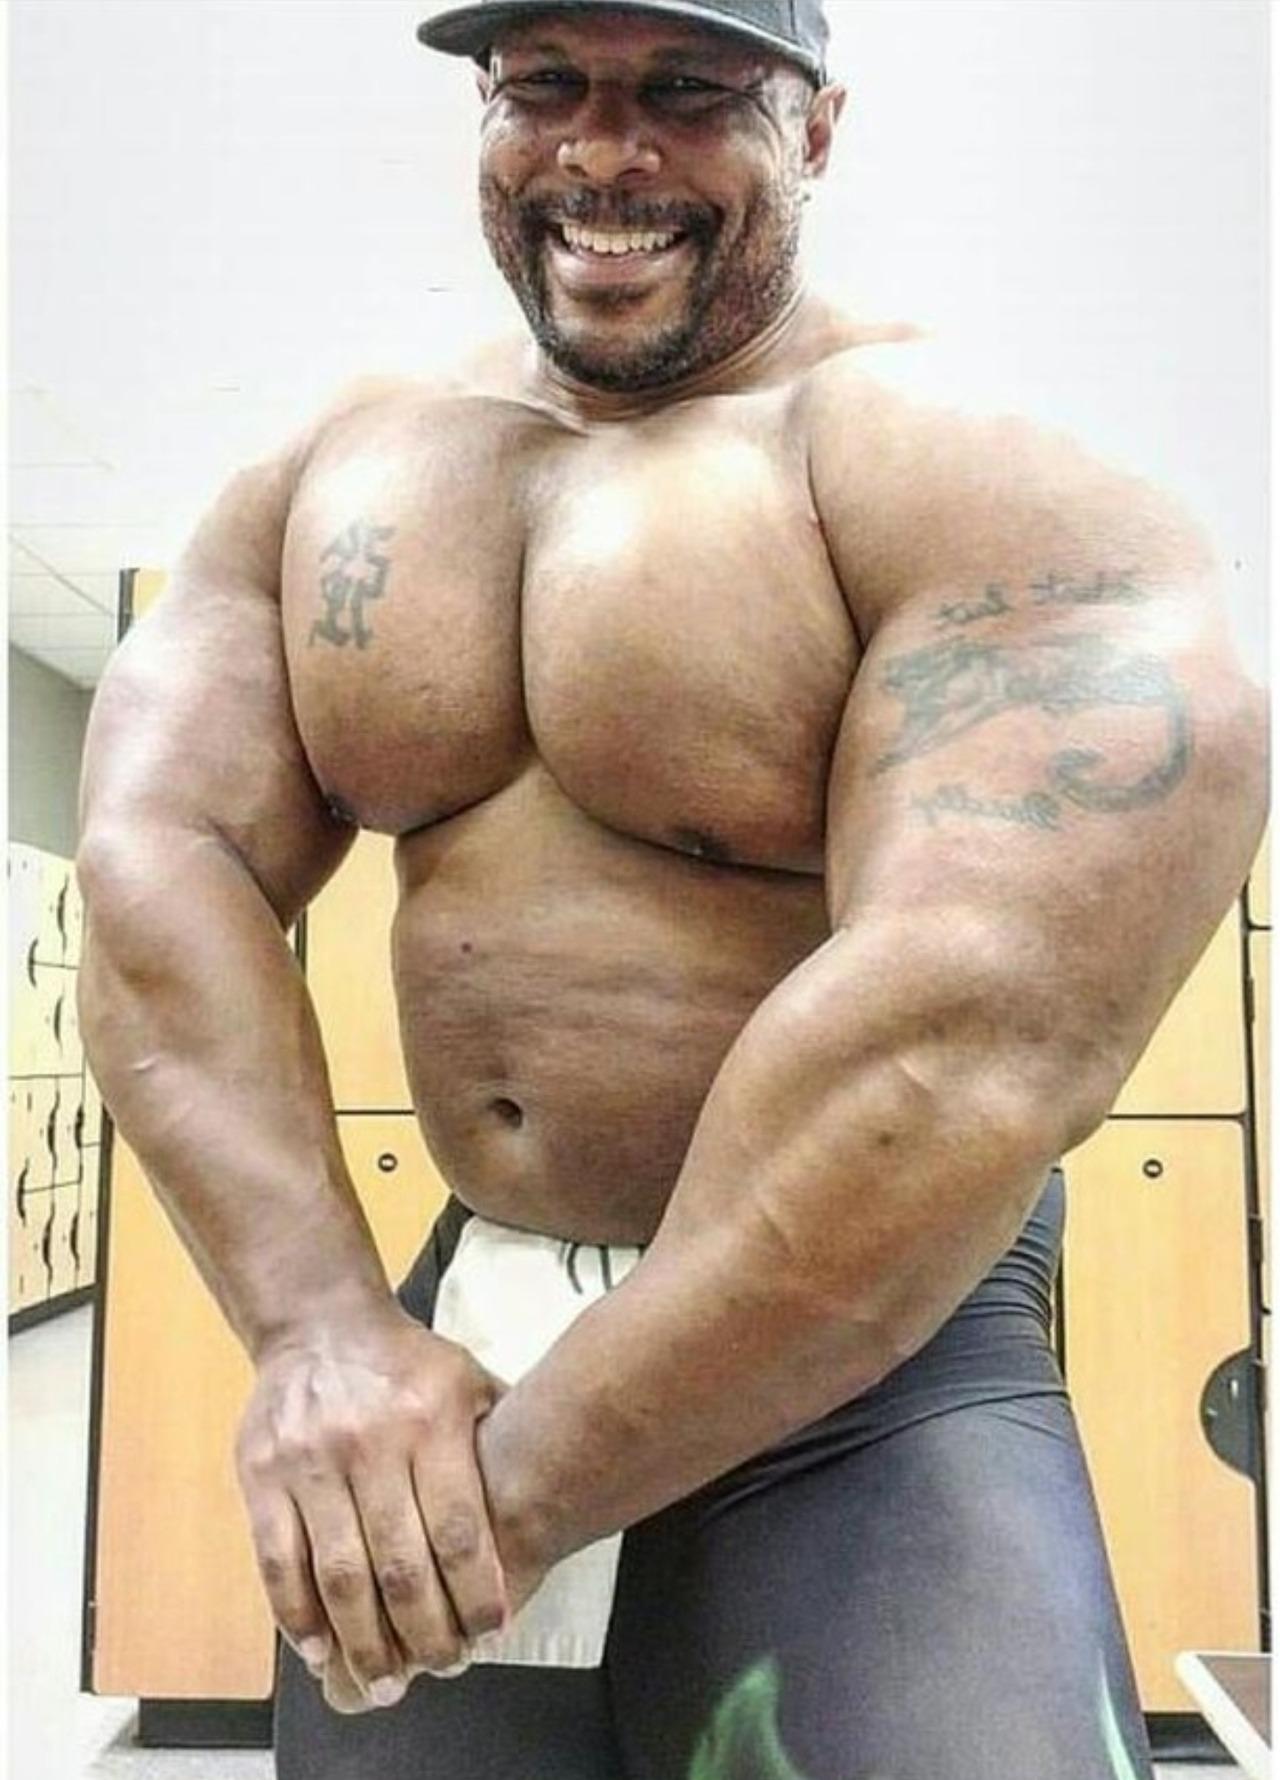 Nude ebony chubby stocky man